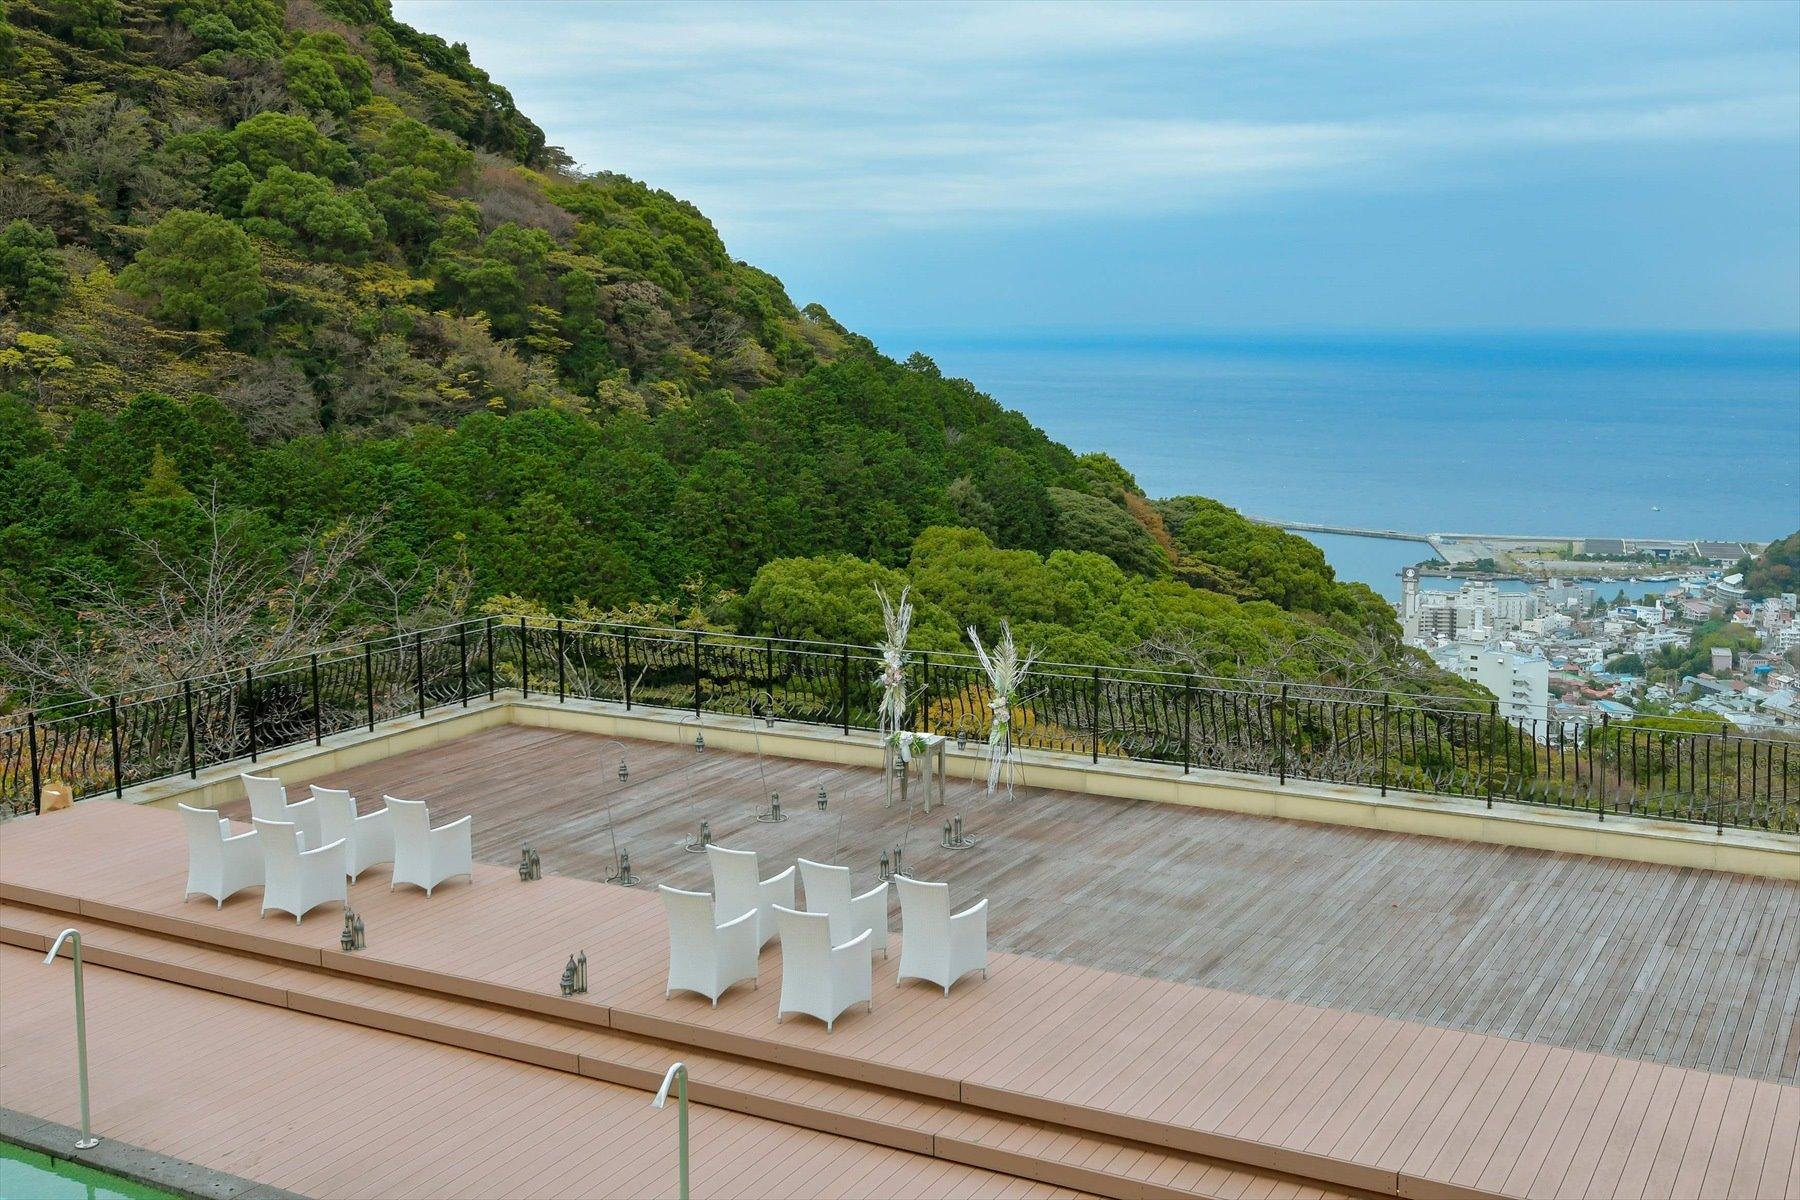 静岡県熱海結婚式場全景 アウトドアウェディング 会場装飾